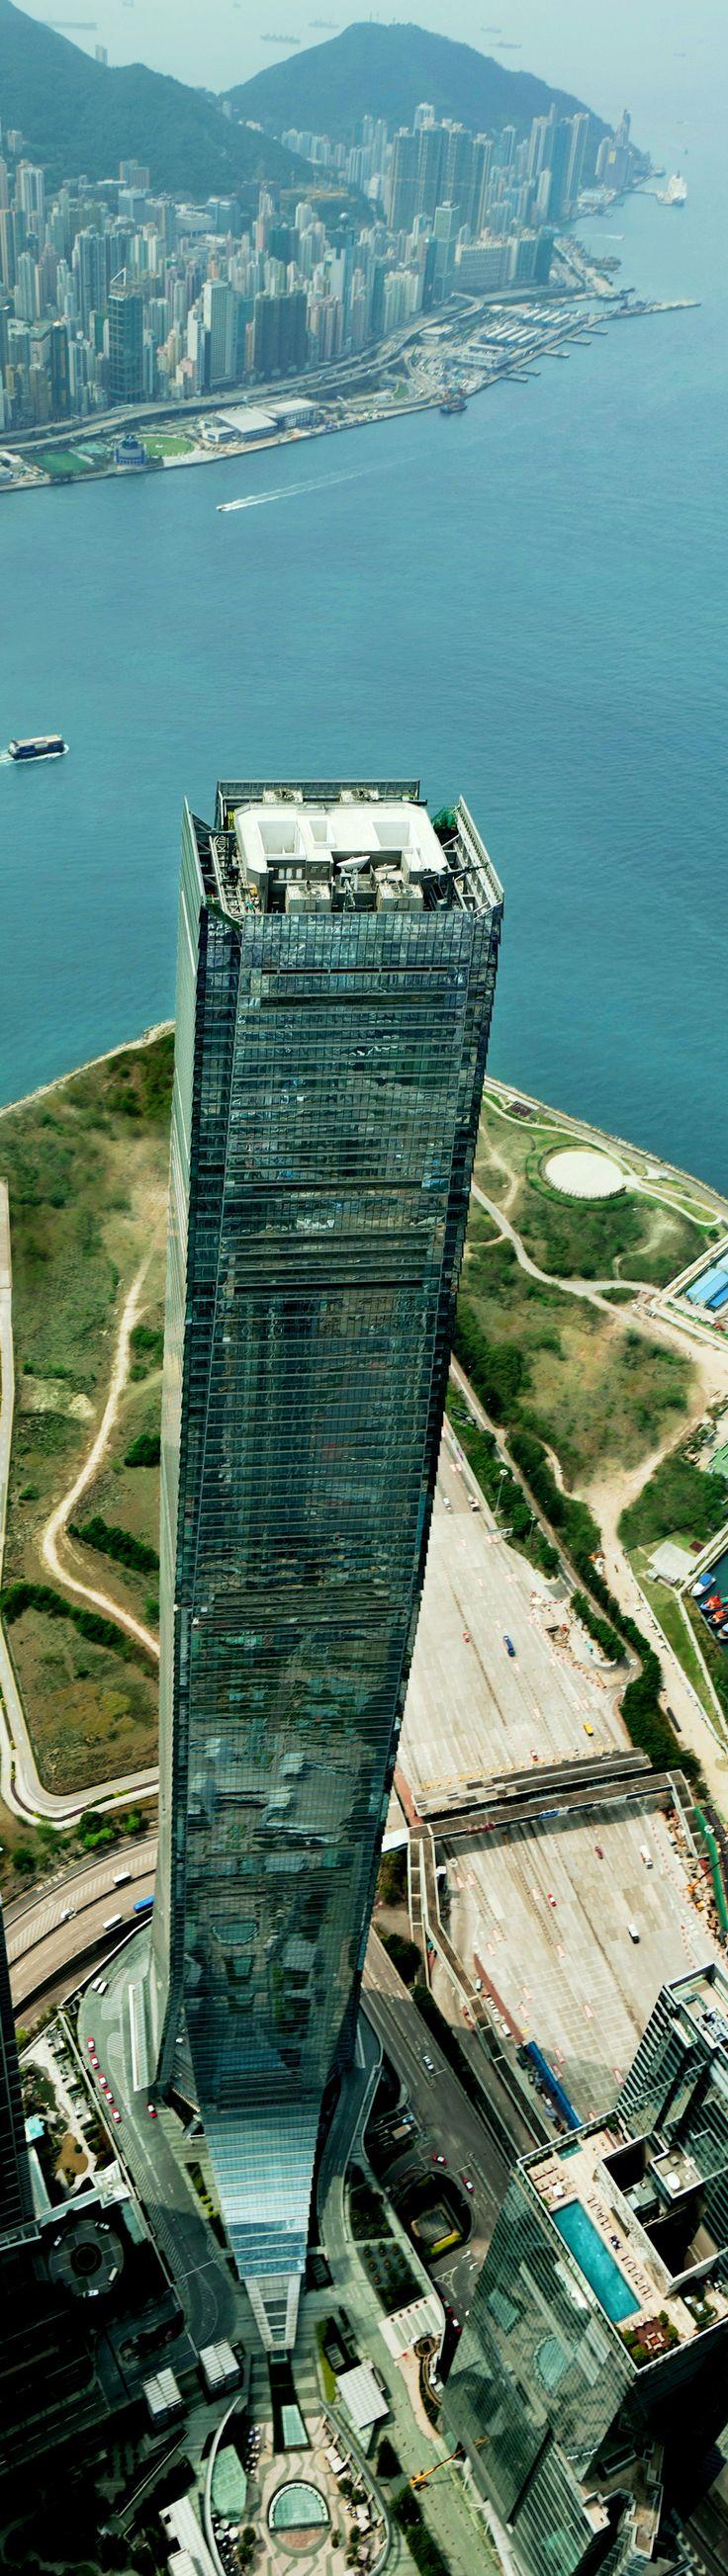 Centro de Comercio Internacional. Es un rascacielos en Kowloon, Hong Kong. Forma parte del complejo Union Square y el nombre formal del rascacielos es Union Square Phase 7. Cuenta con una altura total de 484 metros y 108 plantas.